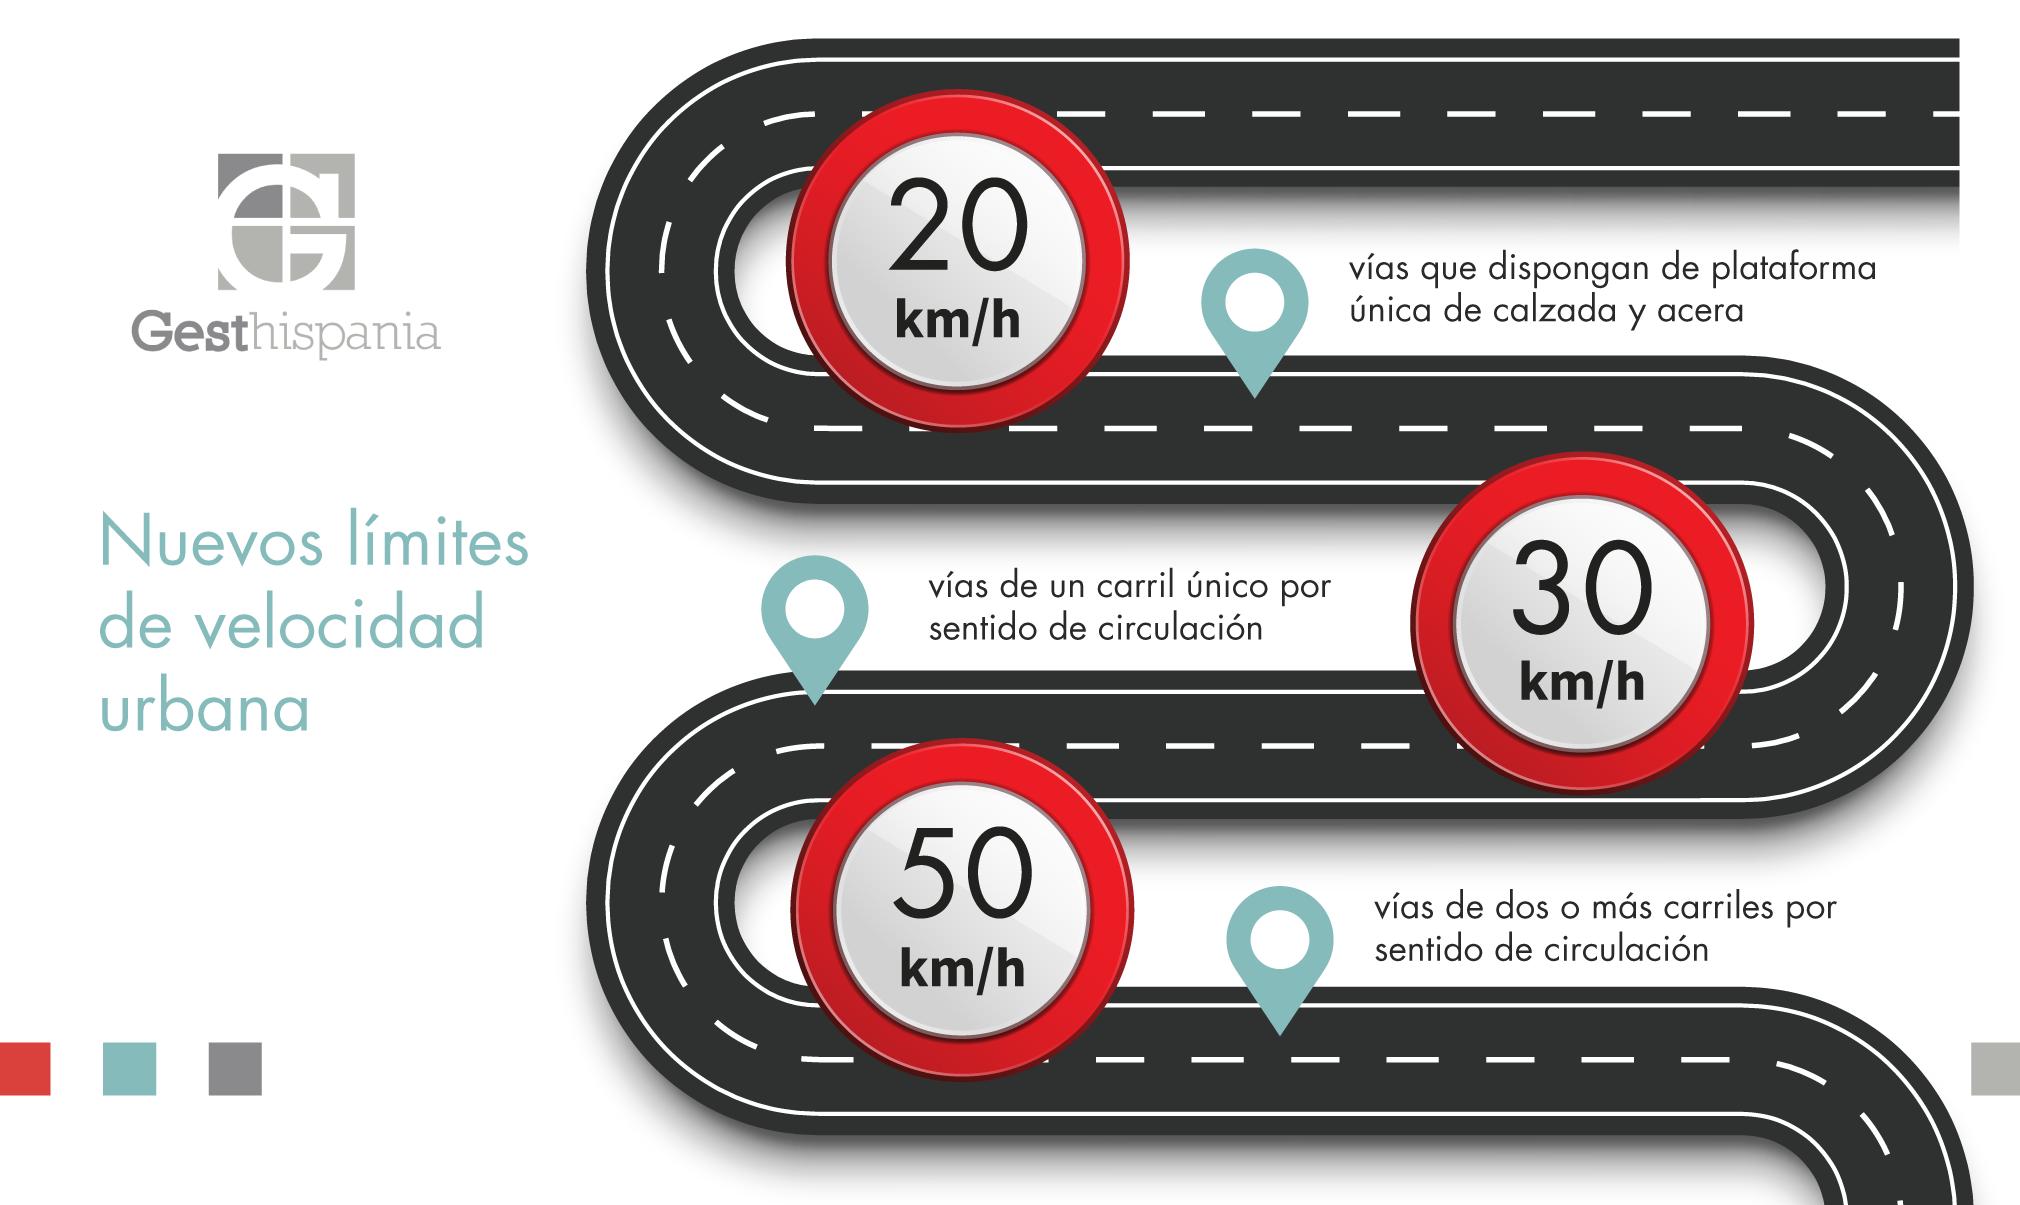 Gesthispania - Infografía nuevos límites de velocidad